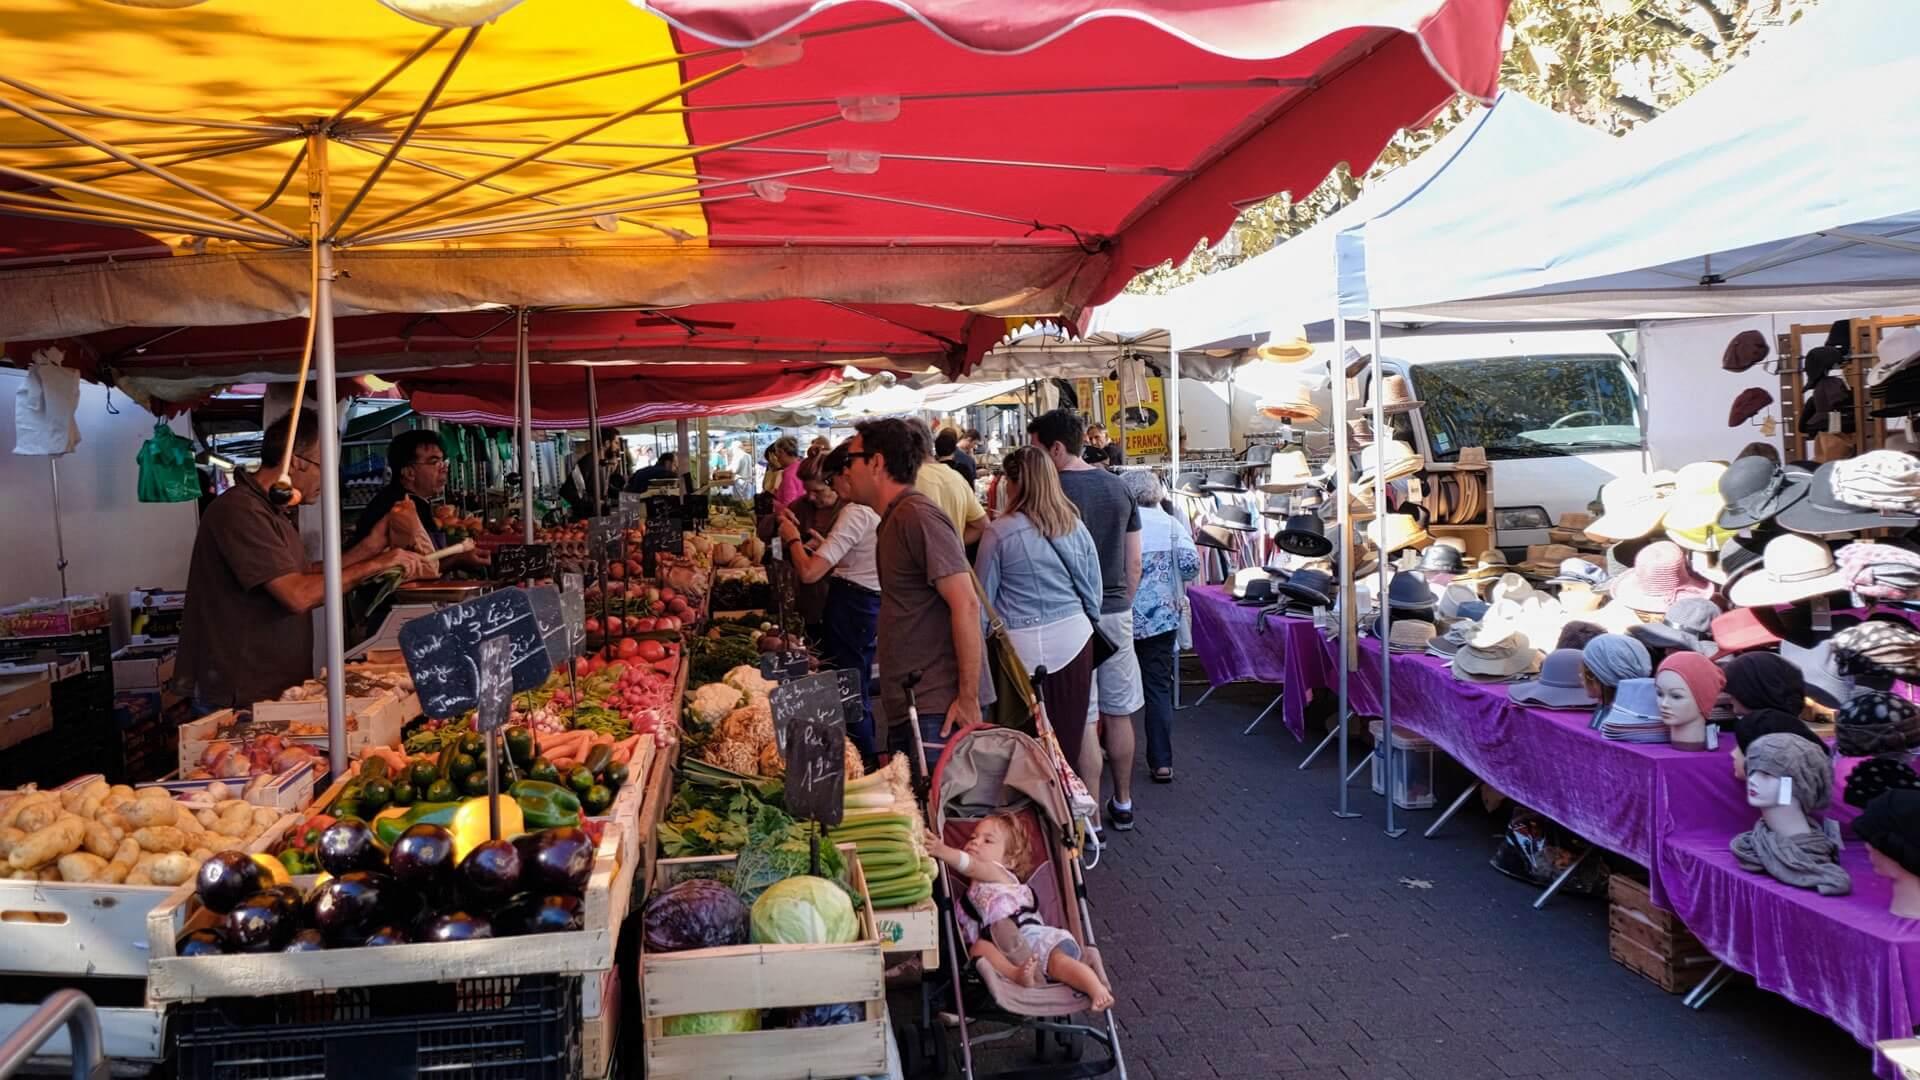 Markt in Straßburg - Wochenmärkte -Infos & Impressionen